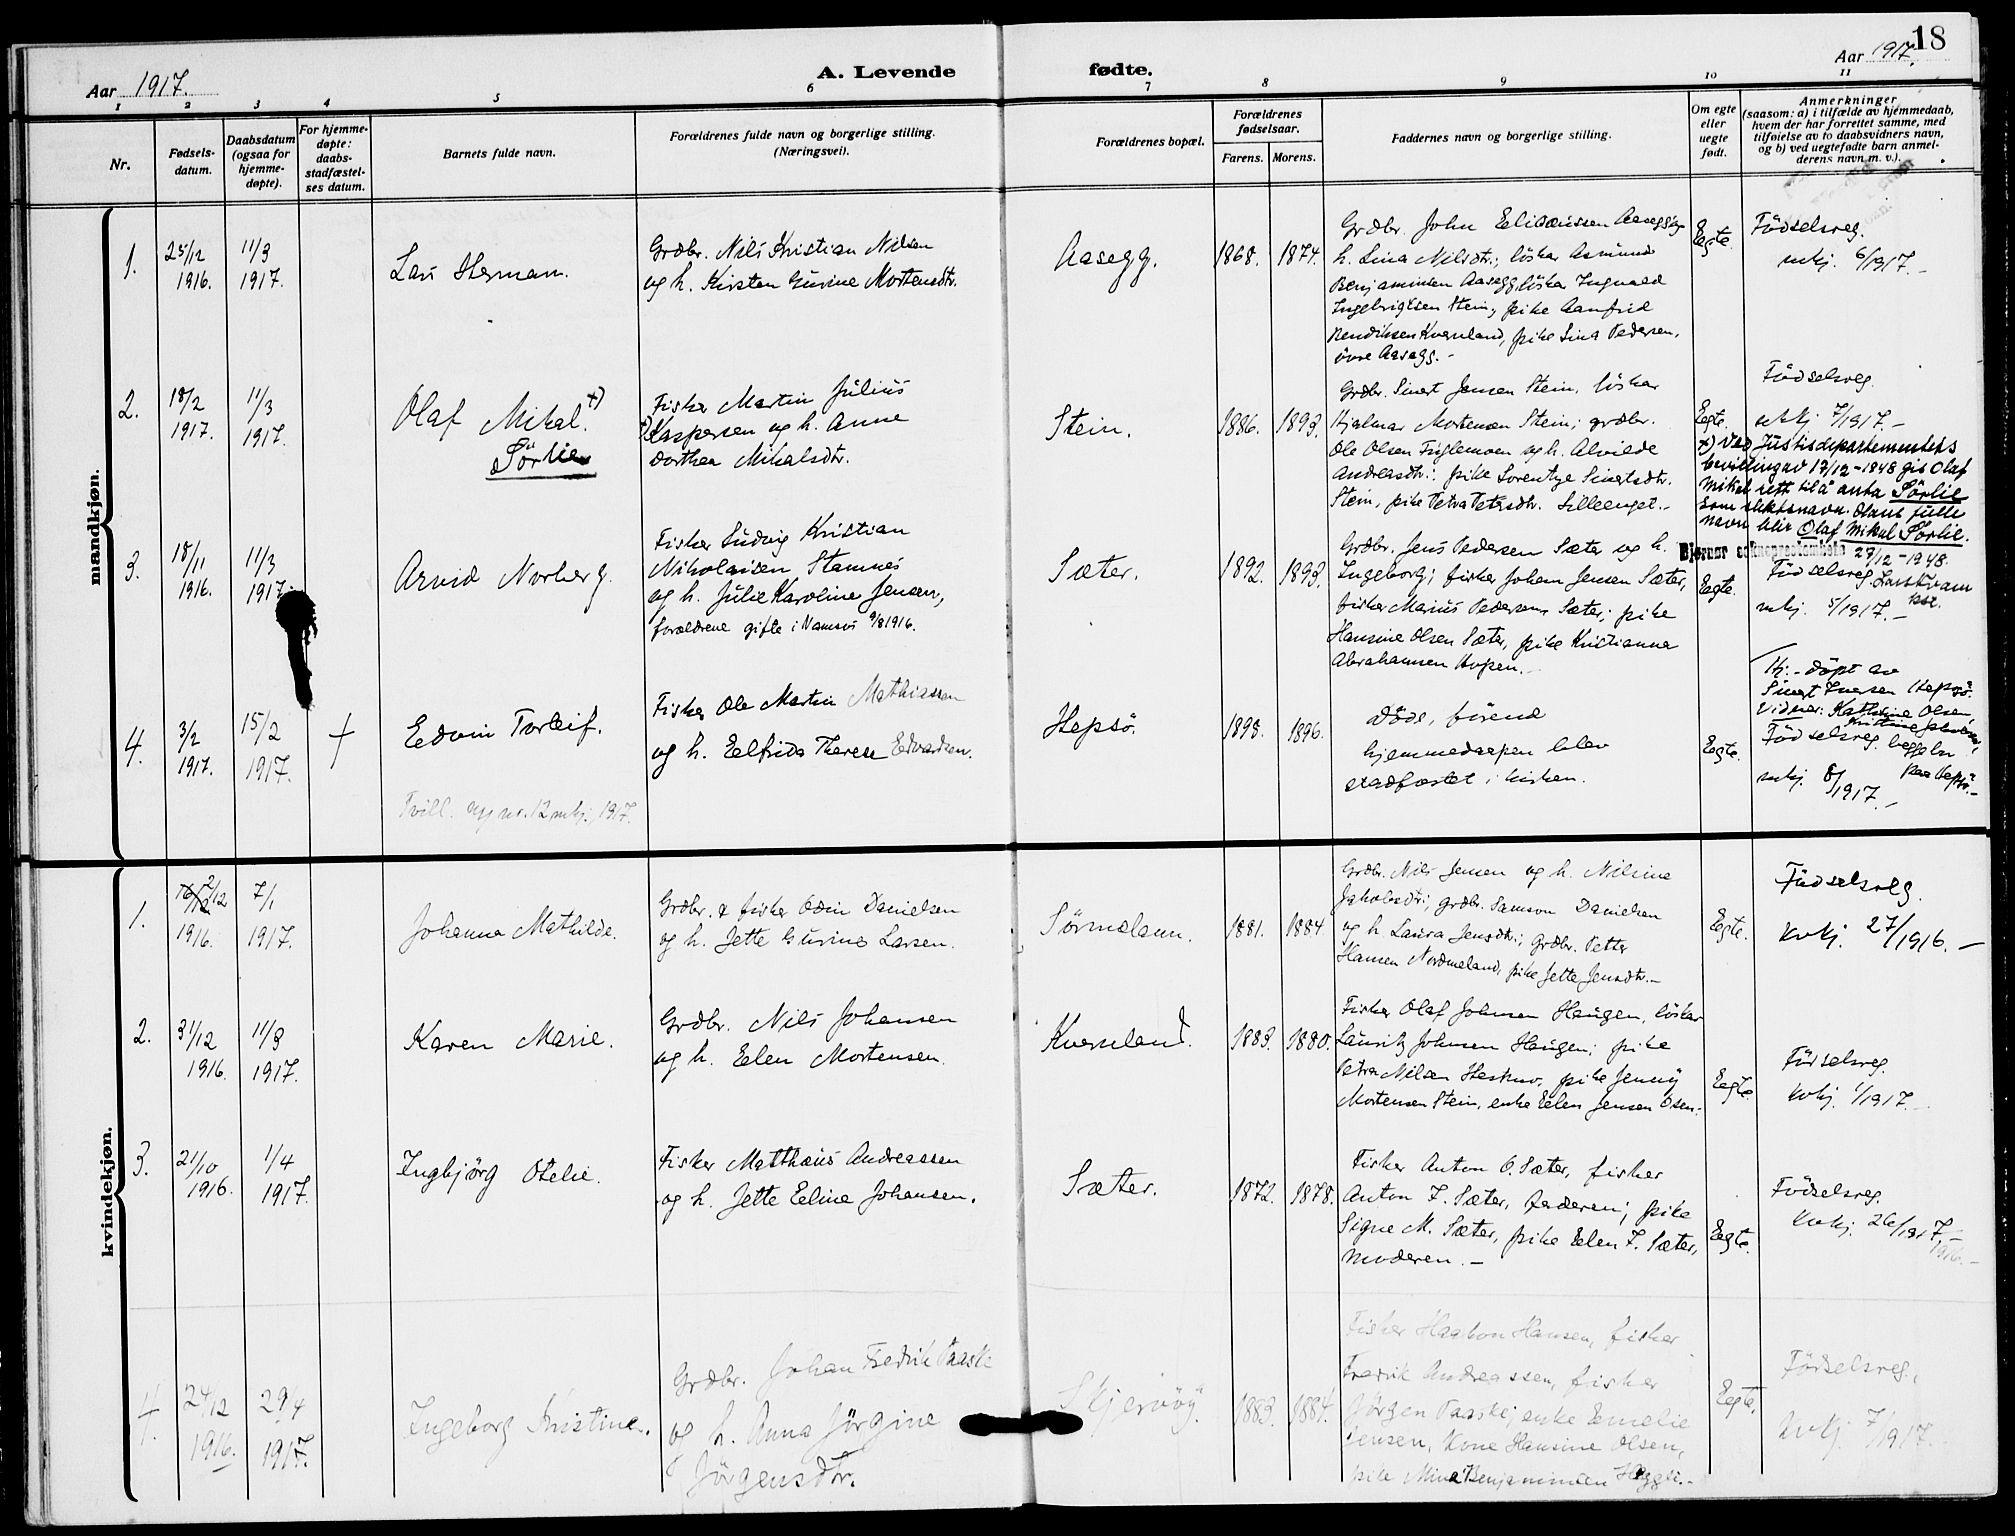 SAT, Ministerialprotokoller, klokkerbøker og fødselsregistre - Sør-Trøndelag, 658/L0724: Ministerialbok nr. 658A03, 1912-1924, s. 18